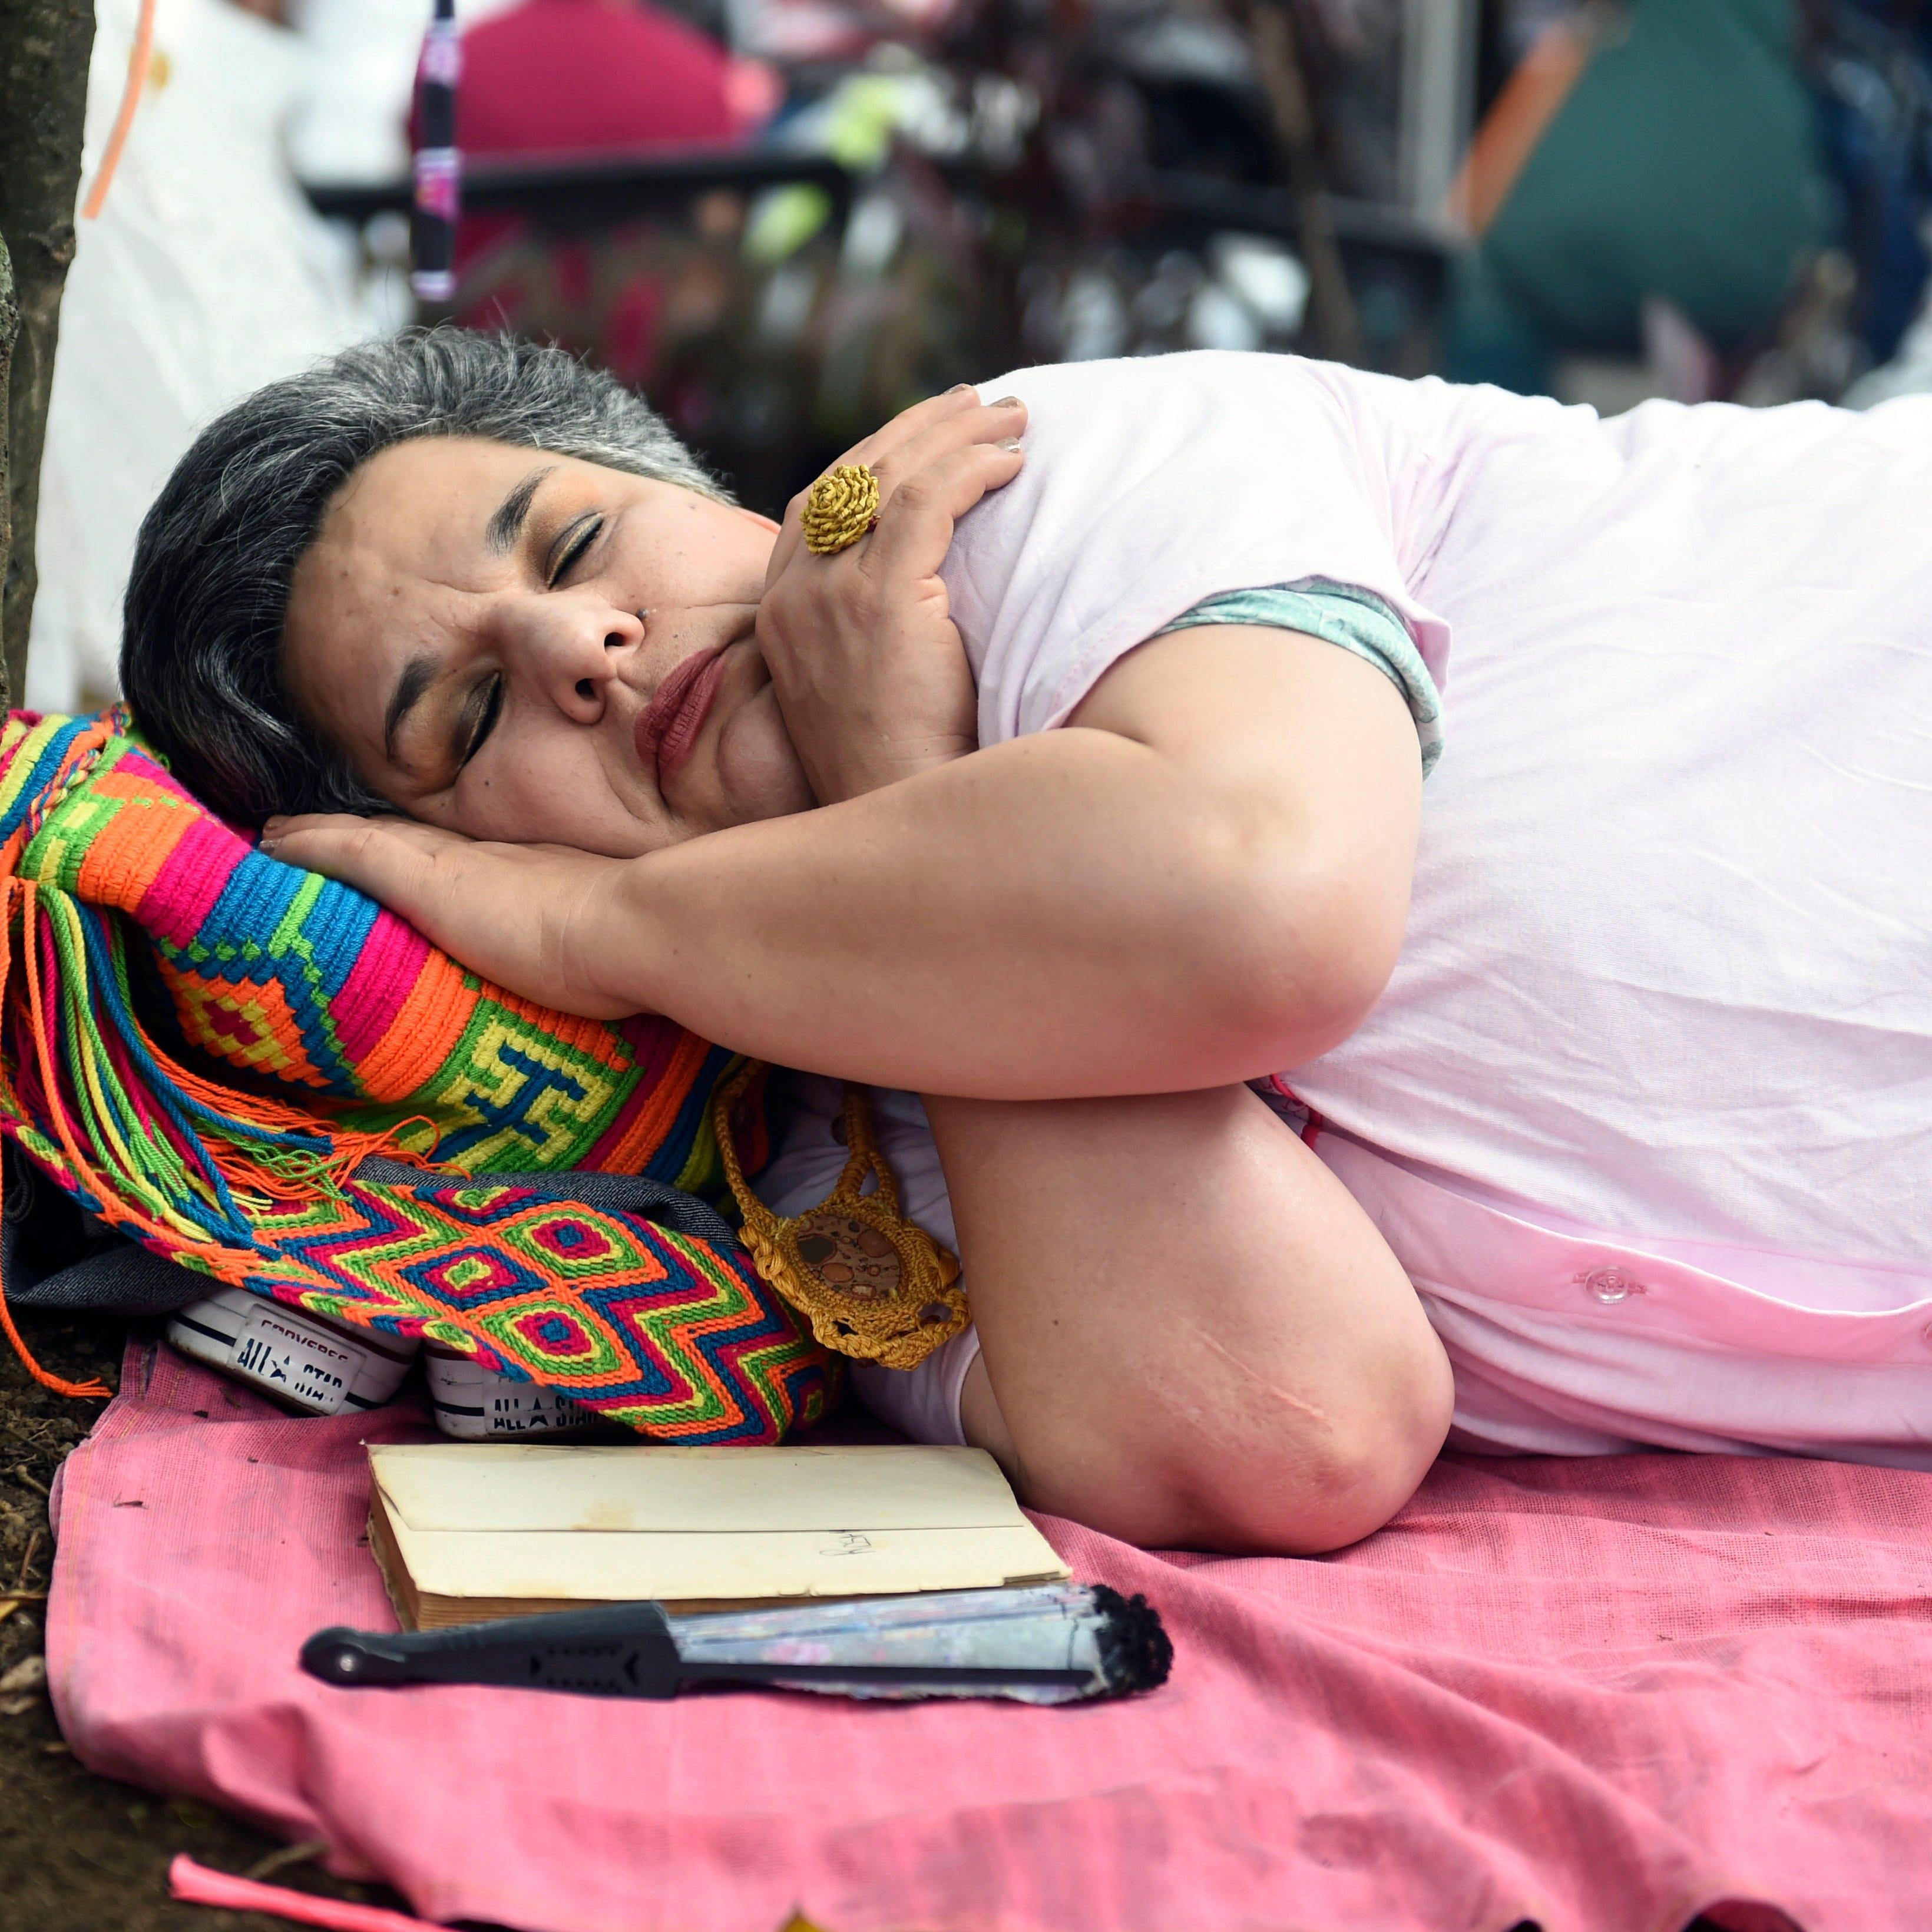 Hispanos y afroamericanos, los que menos duermen, según estudio